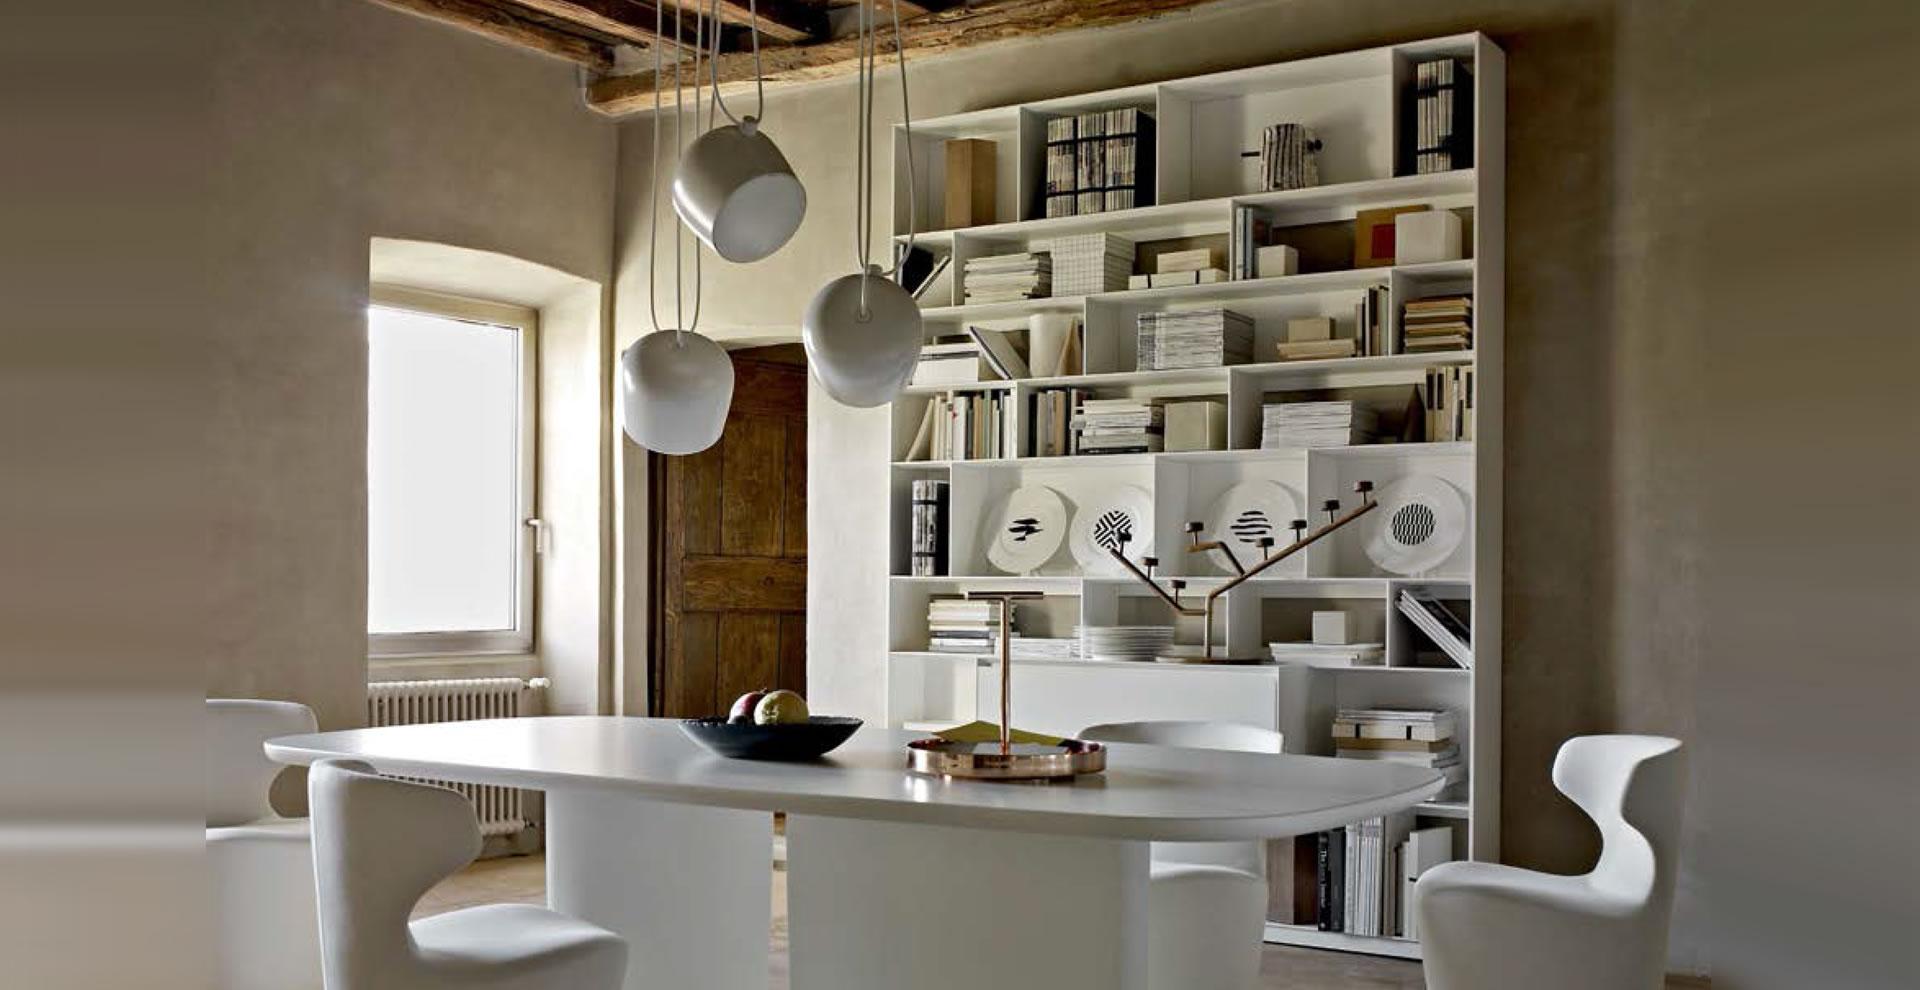 flat c b b italia flat c b b italia. Black Bedroom Furniture Sets. Home Design Ideas